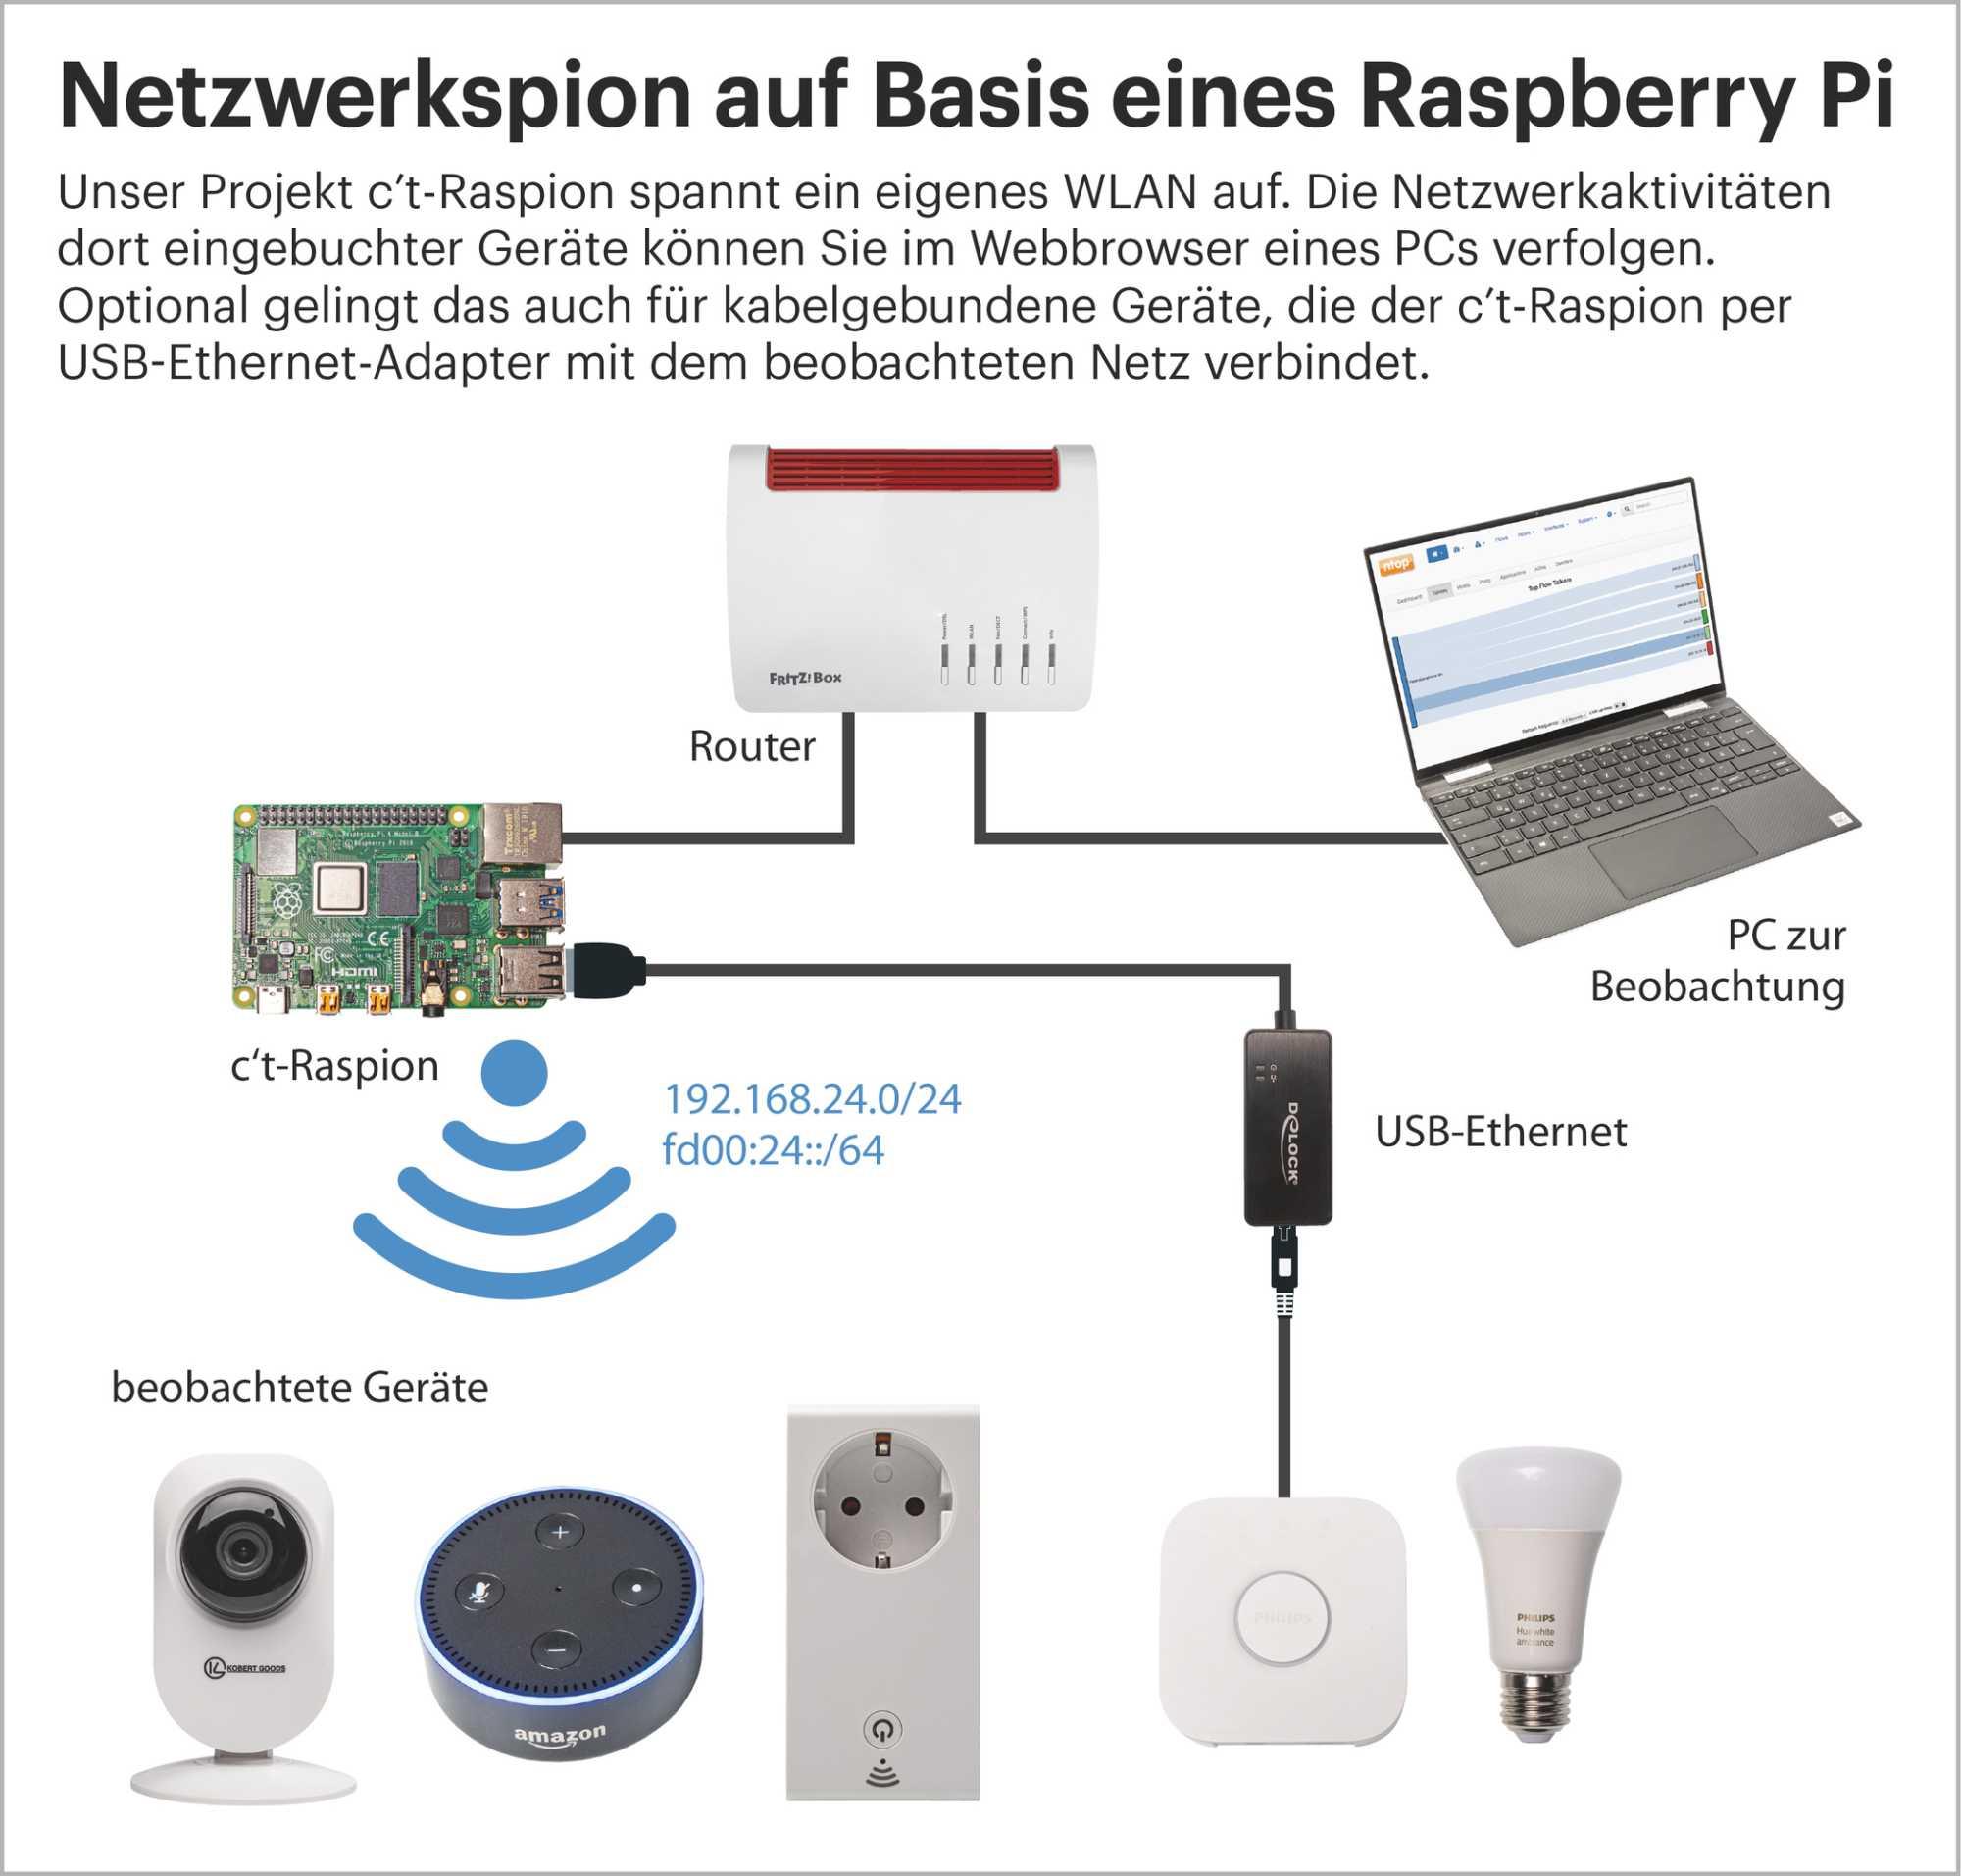 c't-Raspion: Datenpetzen finden und bändigen